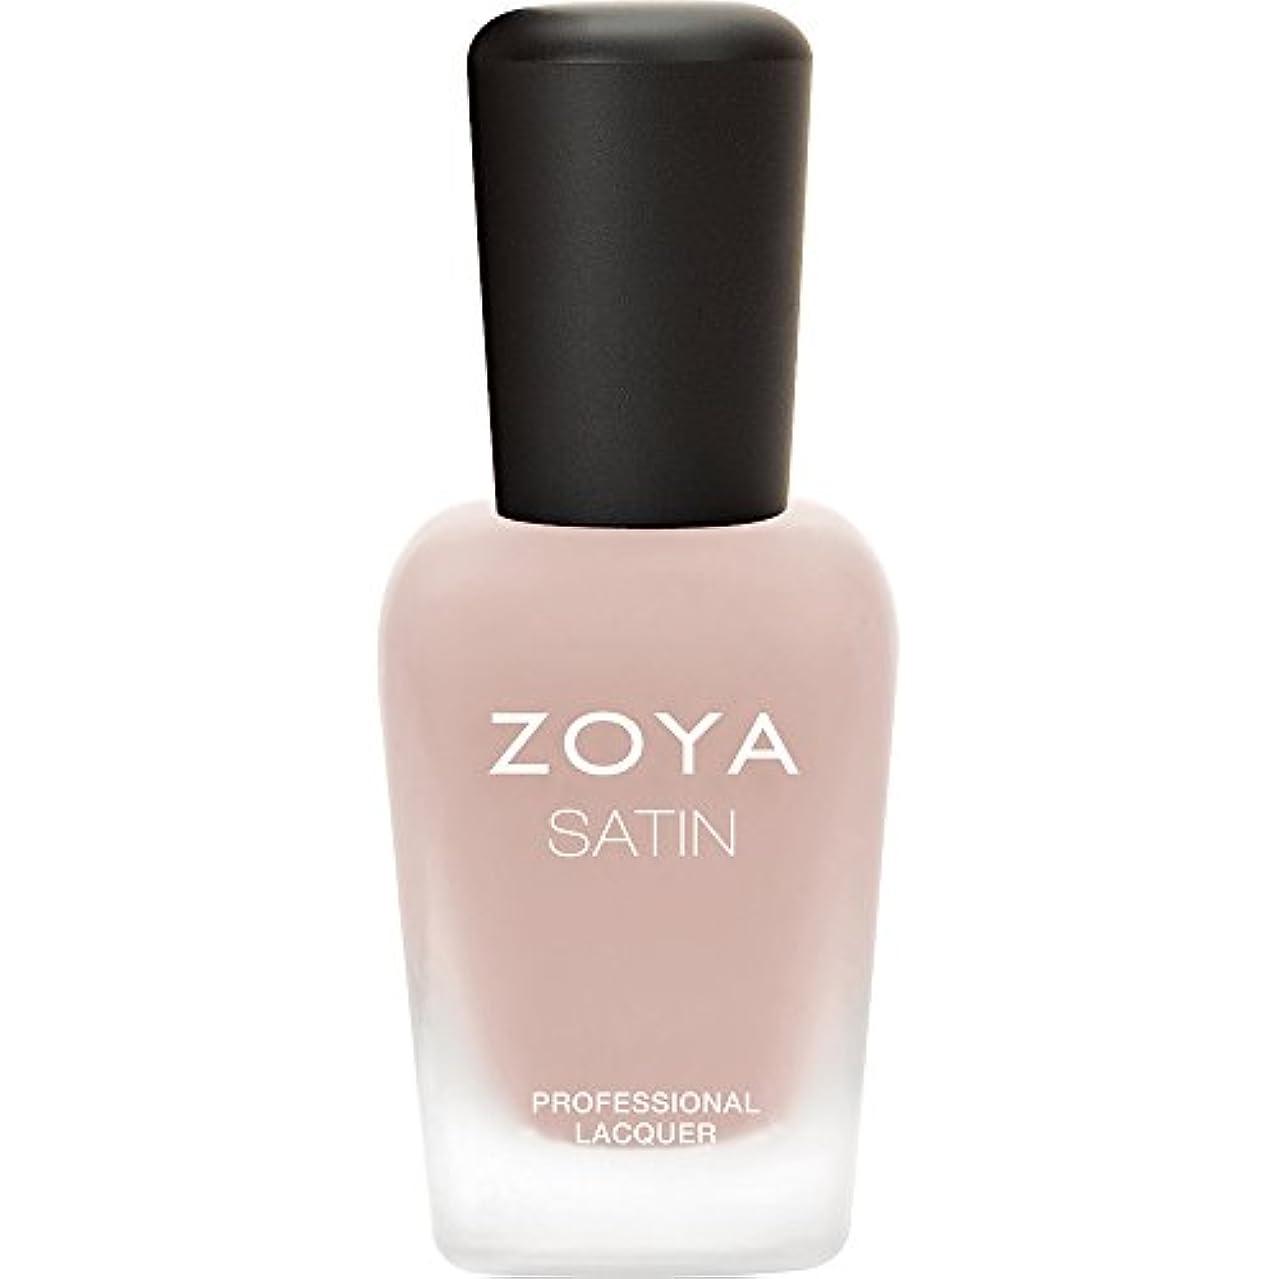 ZOYA ゾーヤ ネイルカラー ZP783  ANA アナ 15ml 2015 Naturel Satins Collection スモーキーピンク マット 爪にやさしいネイルラッカーマニキュア